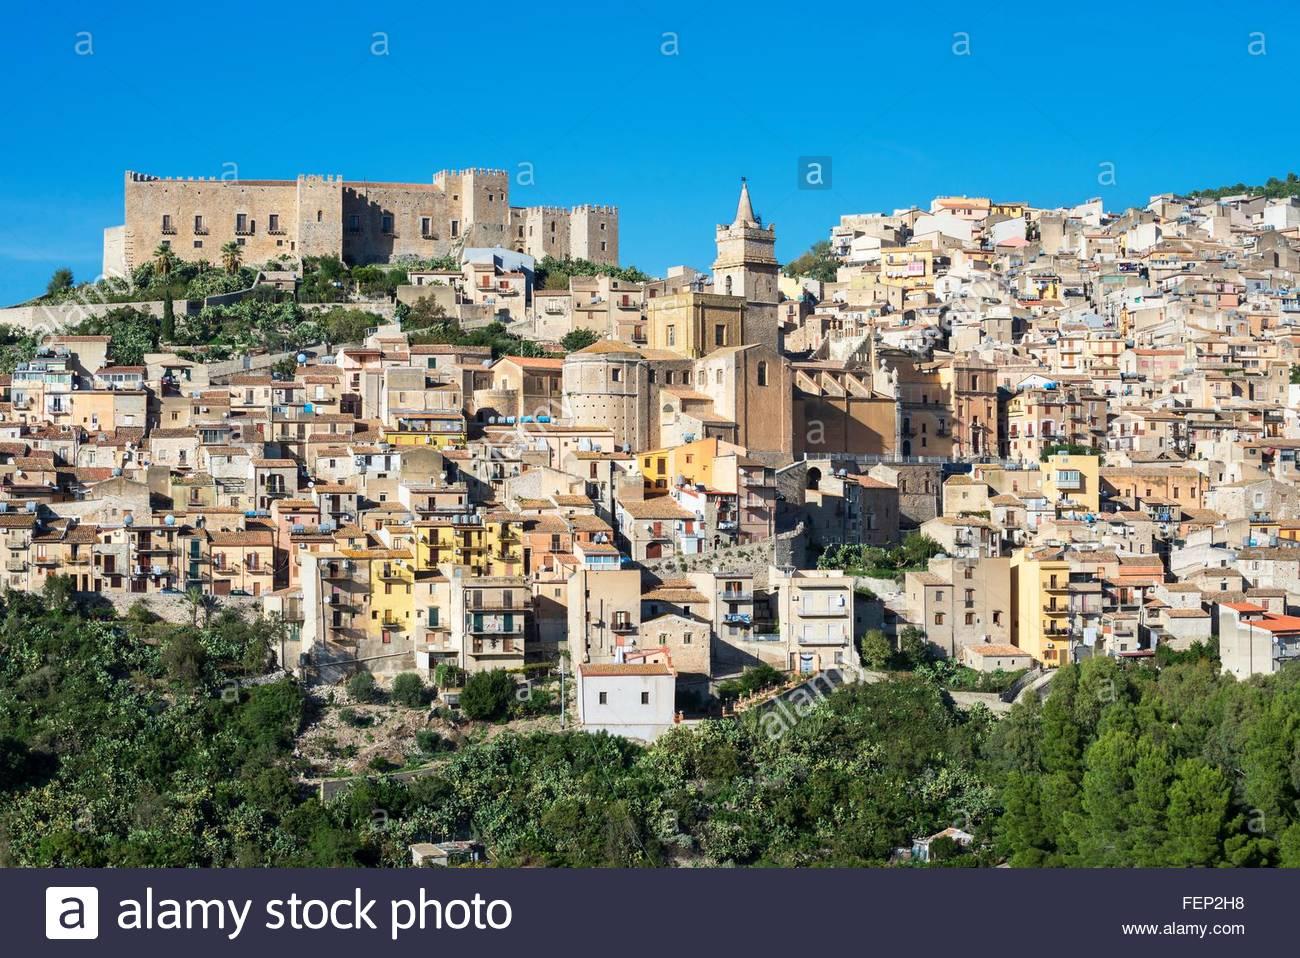 Vista elevada de Caccamo castillo y pueblo, Caccamo, Sicilia, Italia Foto de stock